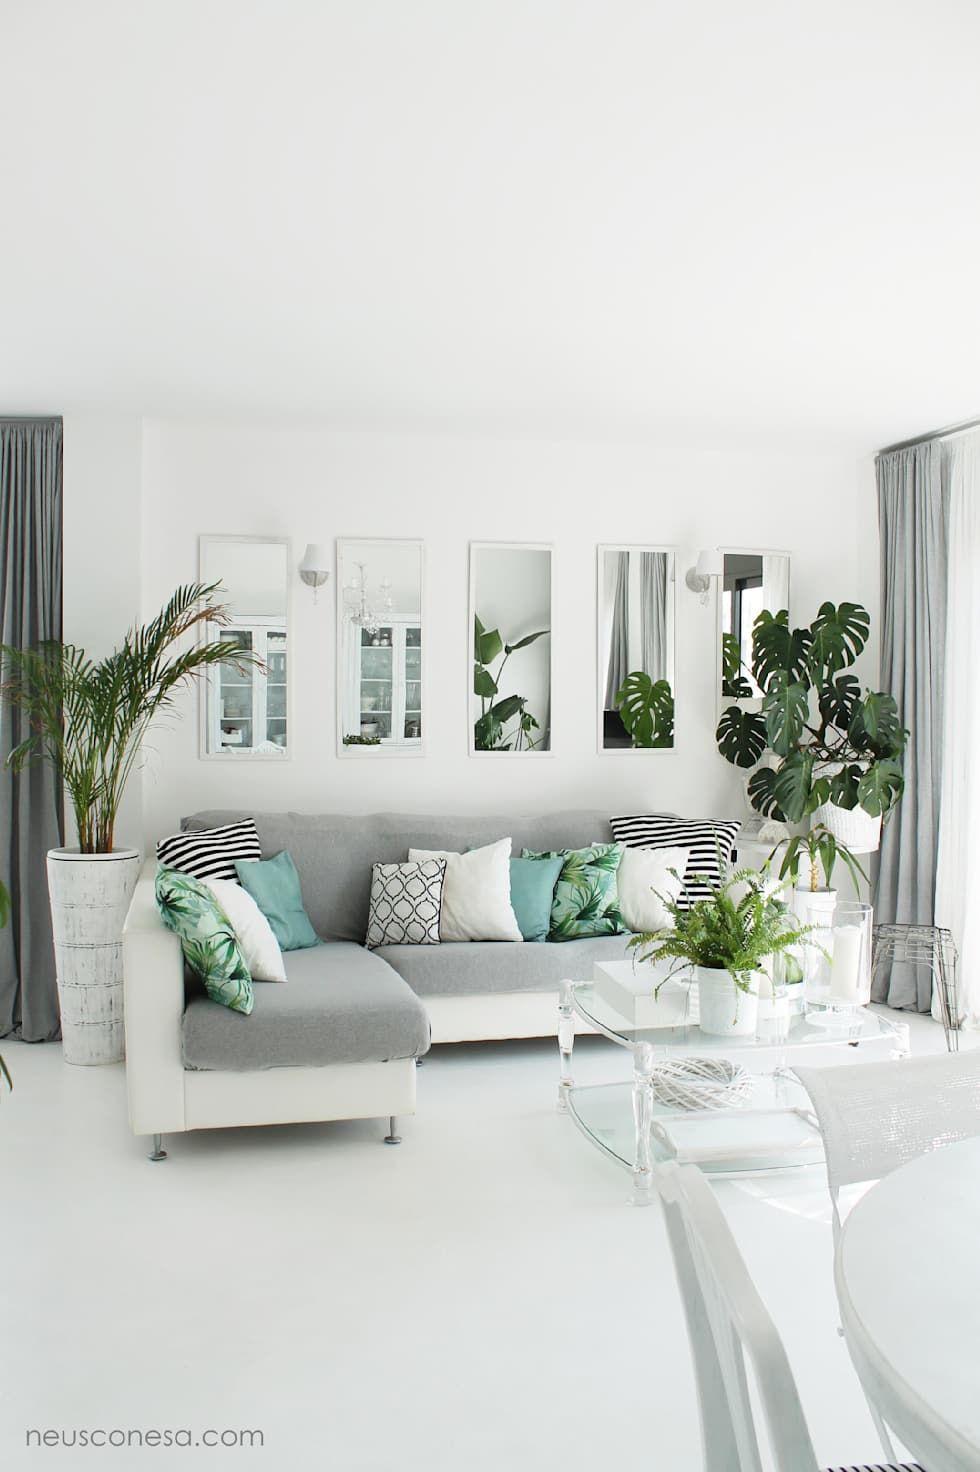 AuBergewohnlich Hochwertig Reforma Duplex: Salones De Estilo Mediterráneo De Neus Conesa  Diseño De Interiores